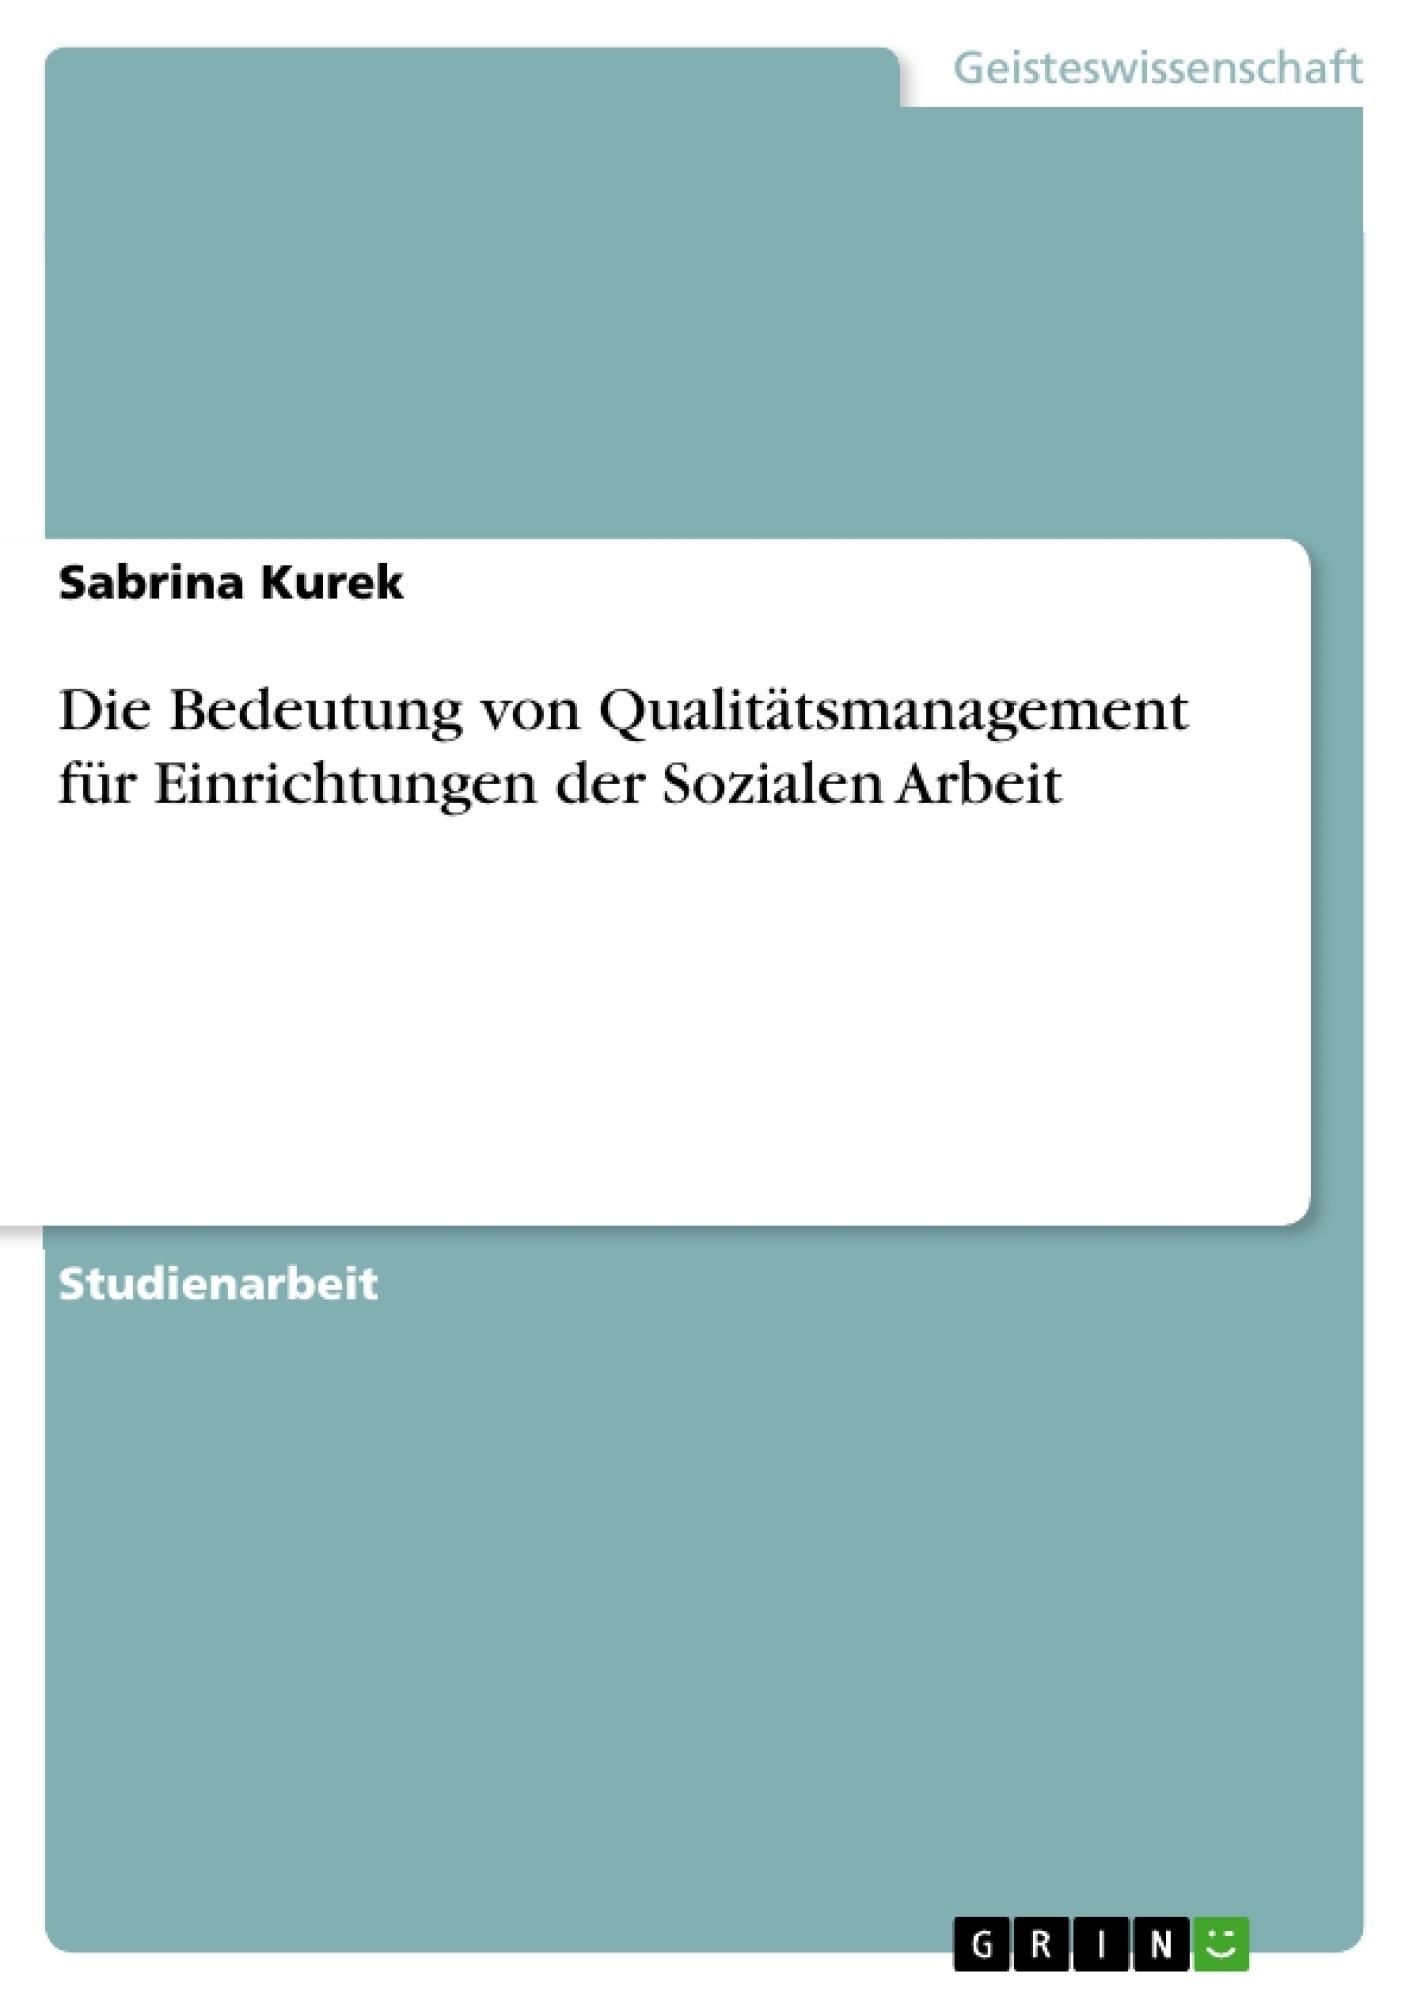 Titel: Die Bedeutung von Qualitätsmanagement für Einrichtungen  der Sozialen Arbeit